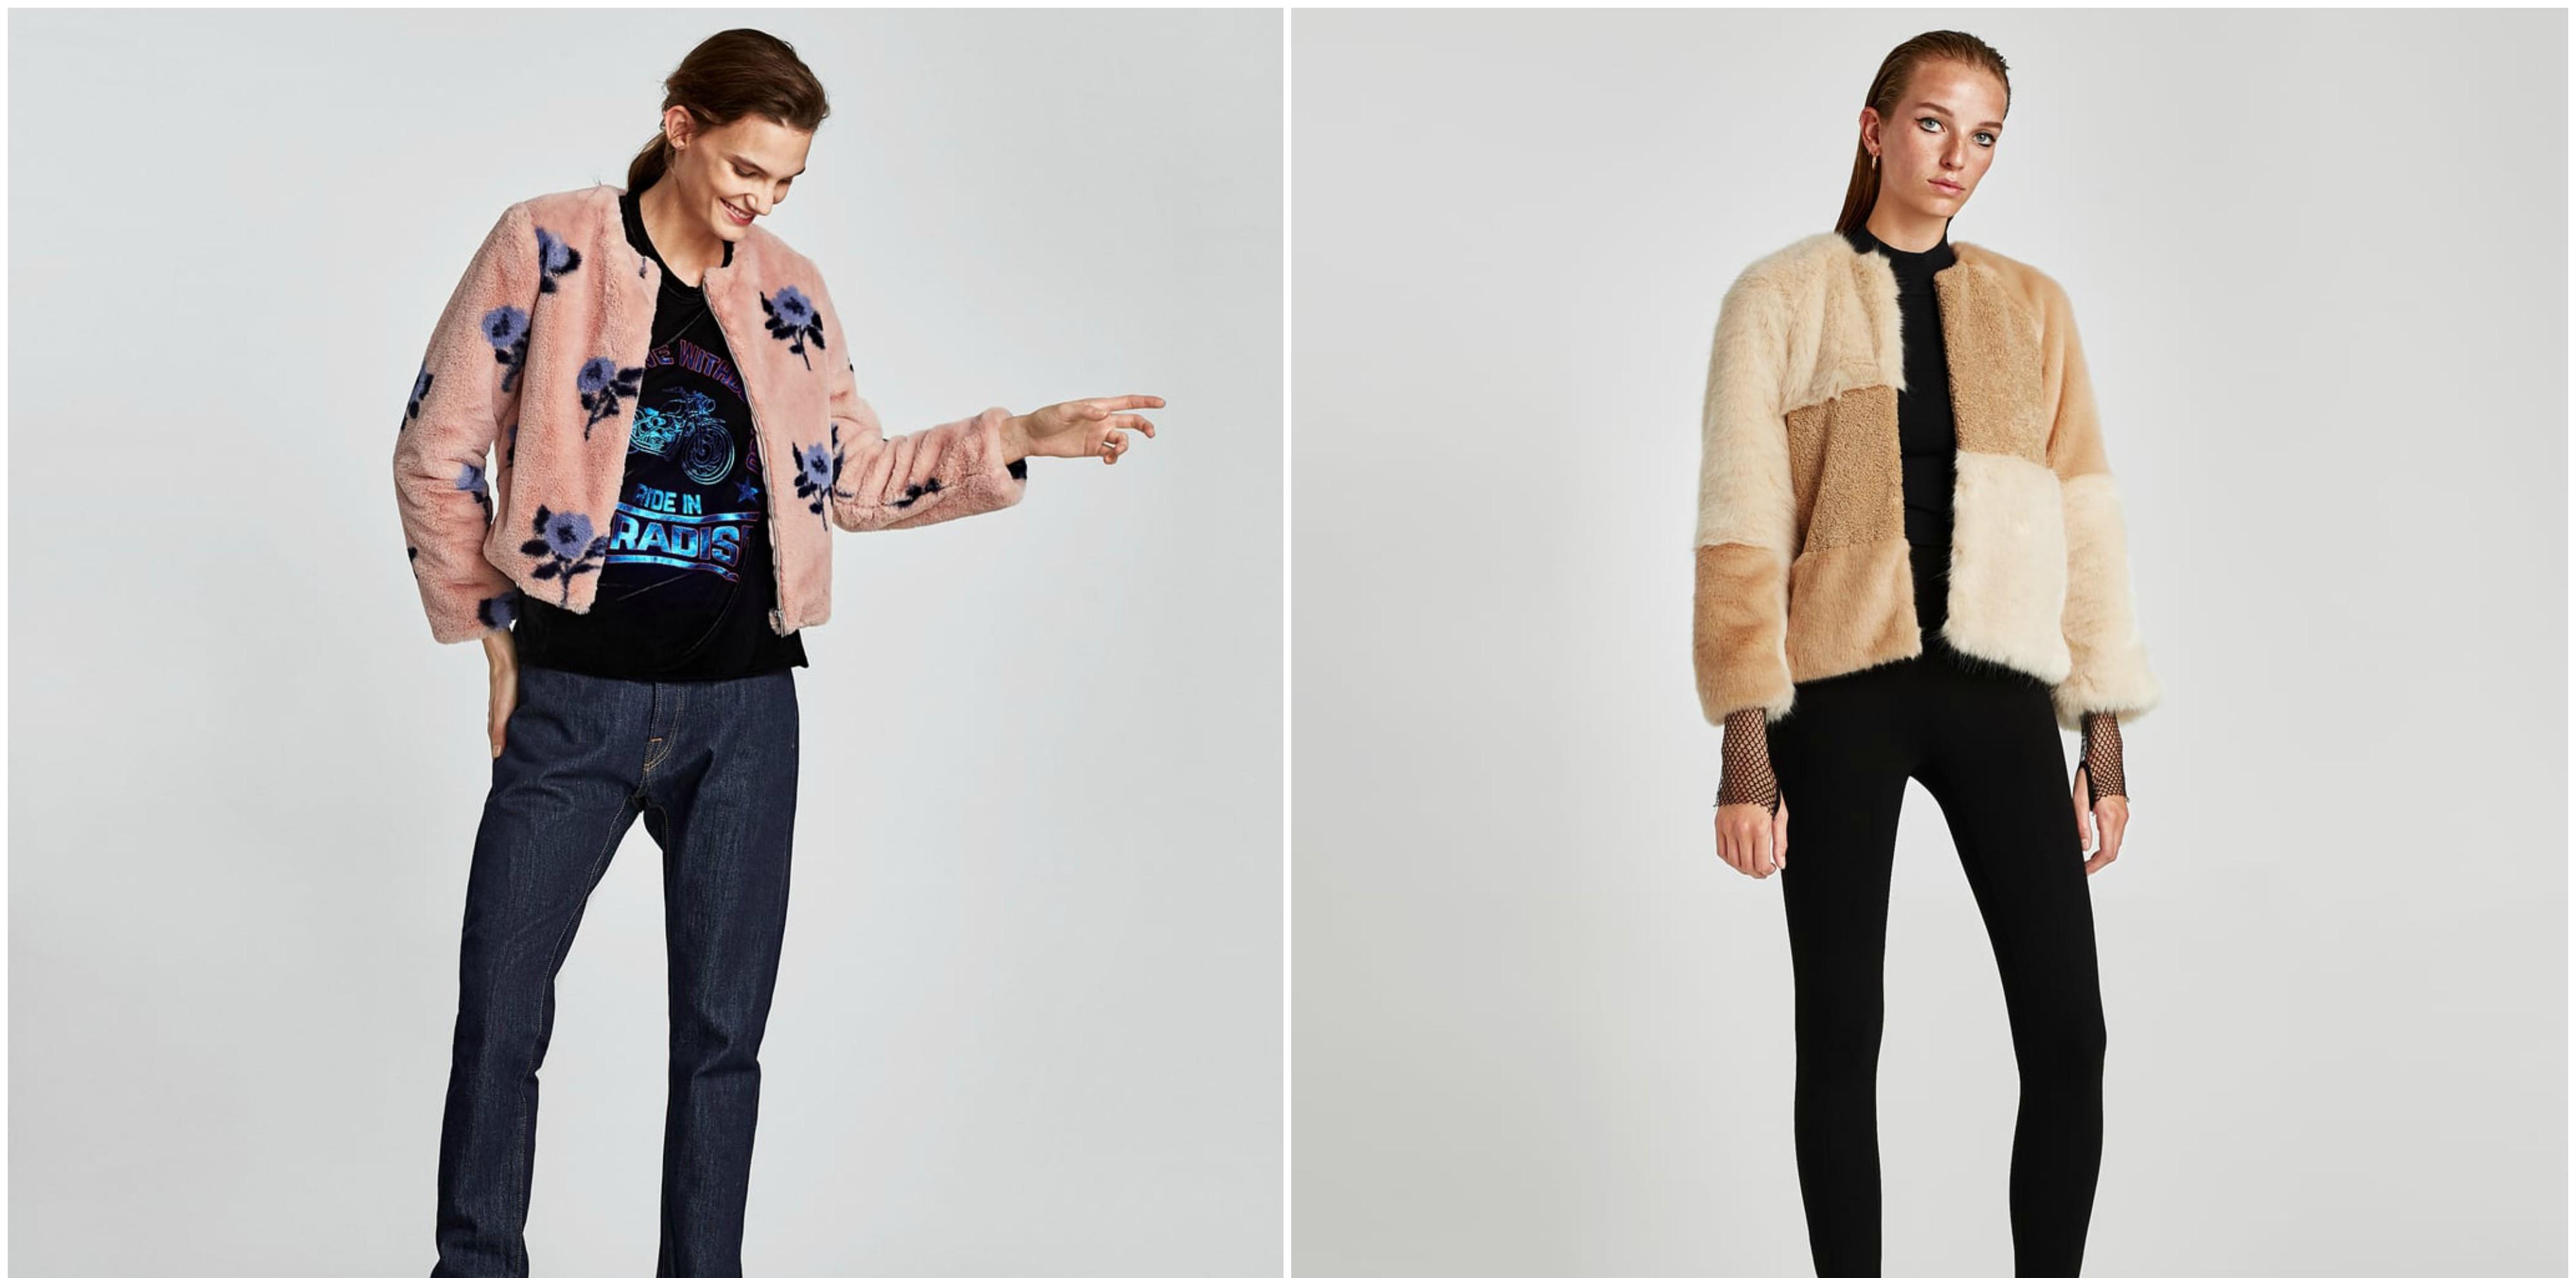 Još uvijek stignete kupiti bundu na sniženju i biti stylish i po zimi!